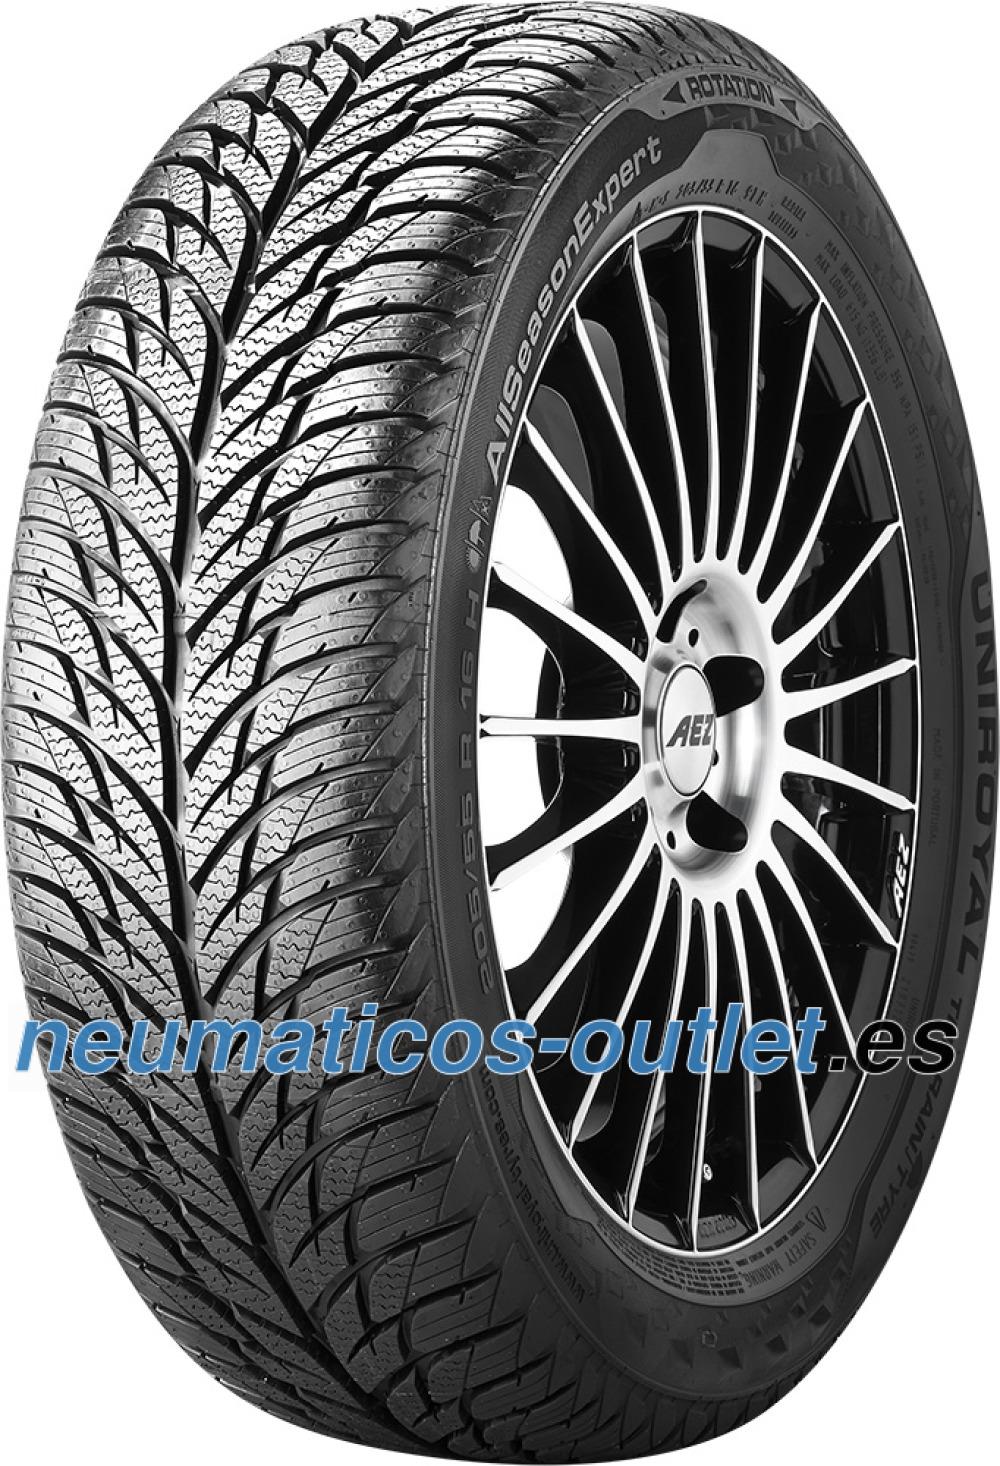 Uniroyal All Season Expert ( 215/60 R17 96H con protección de llanta lateral, SUV )